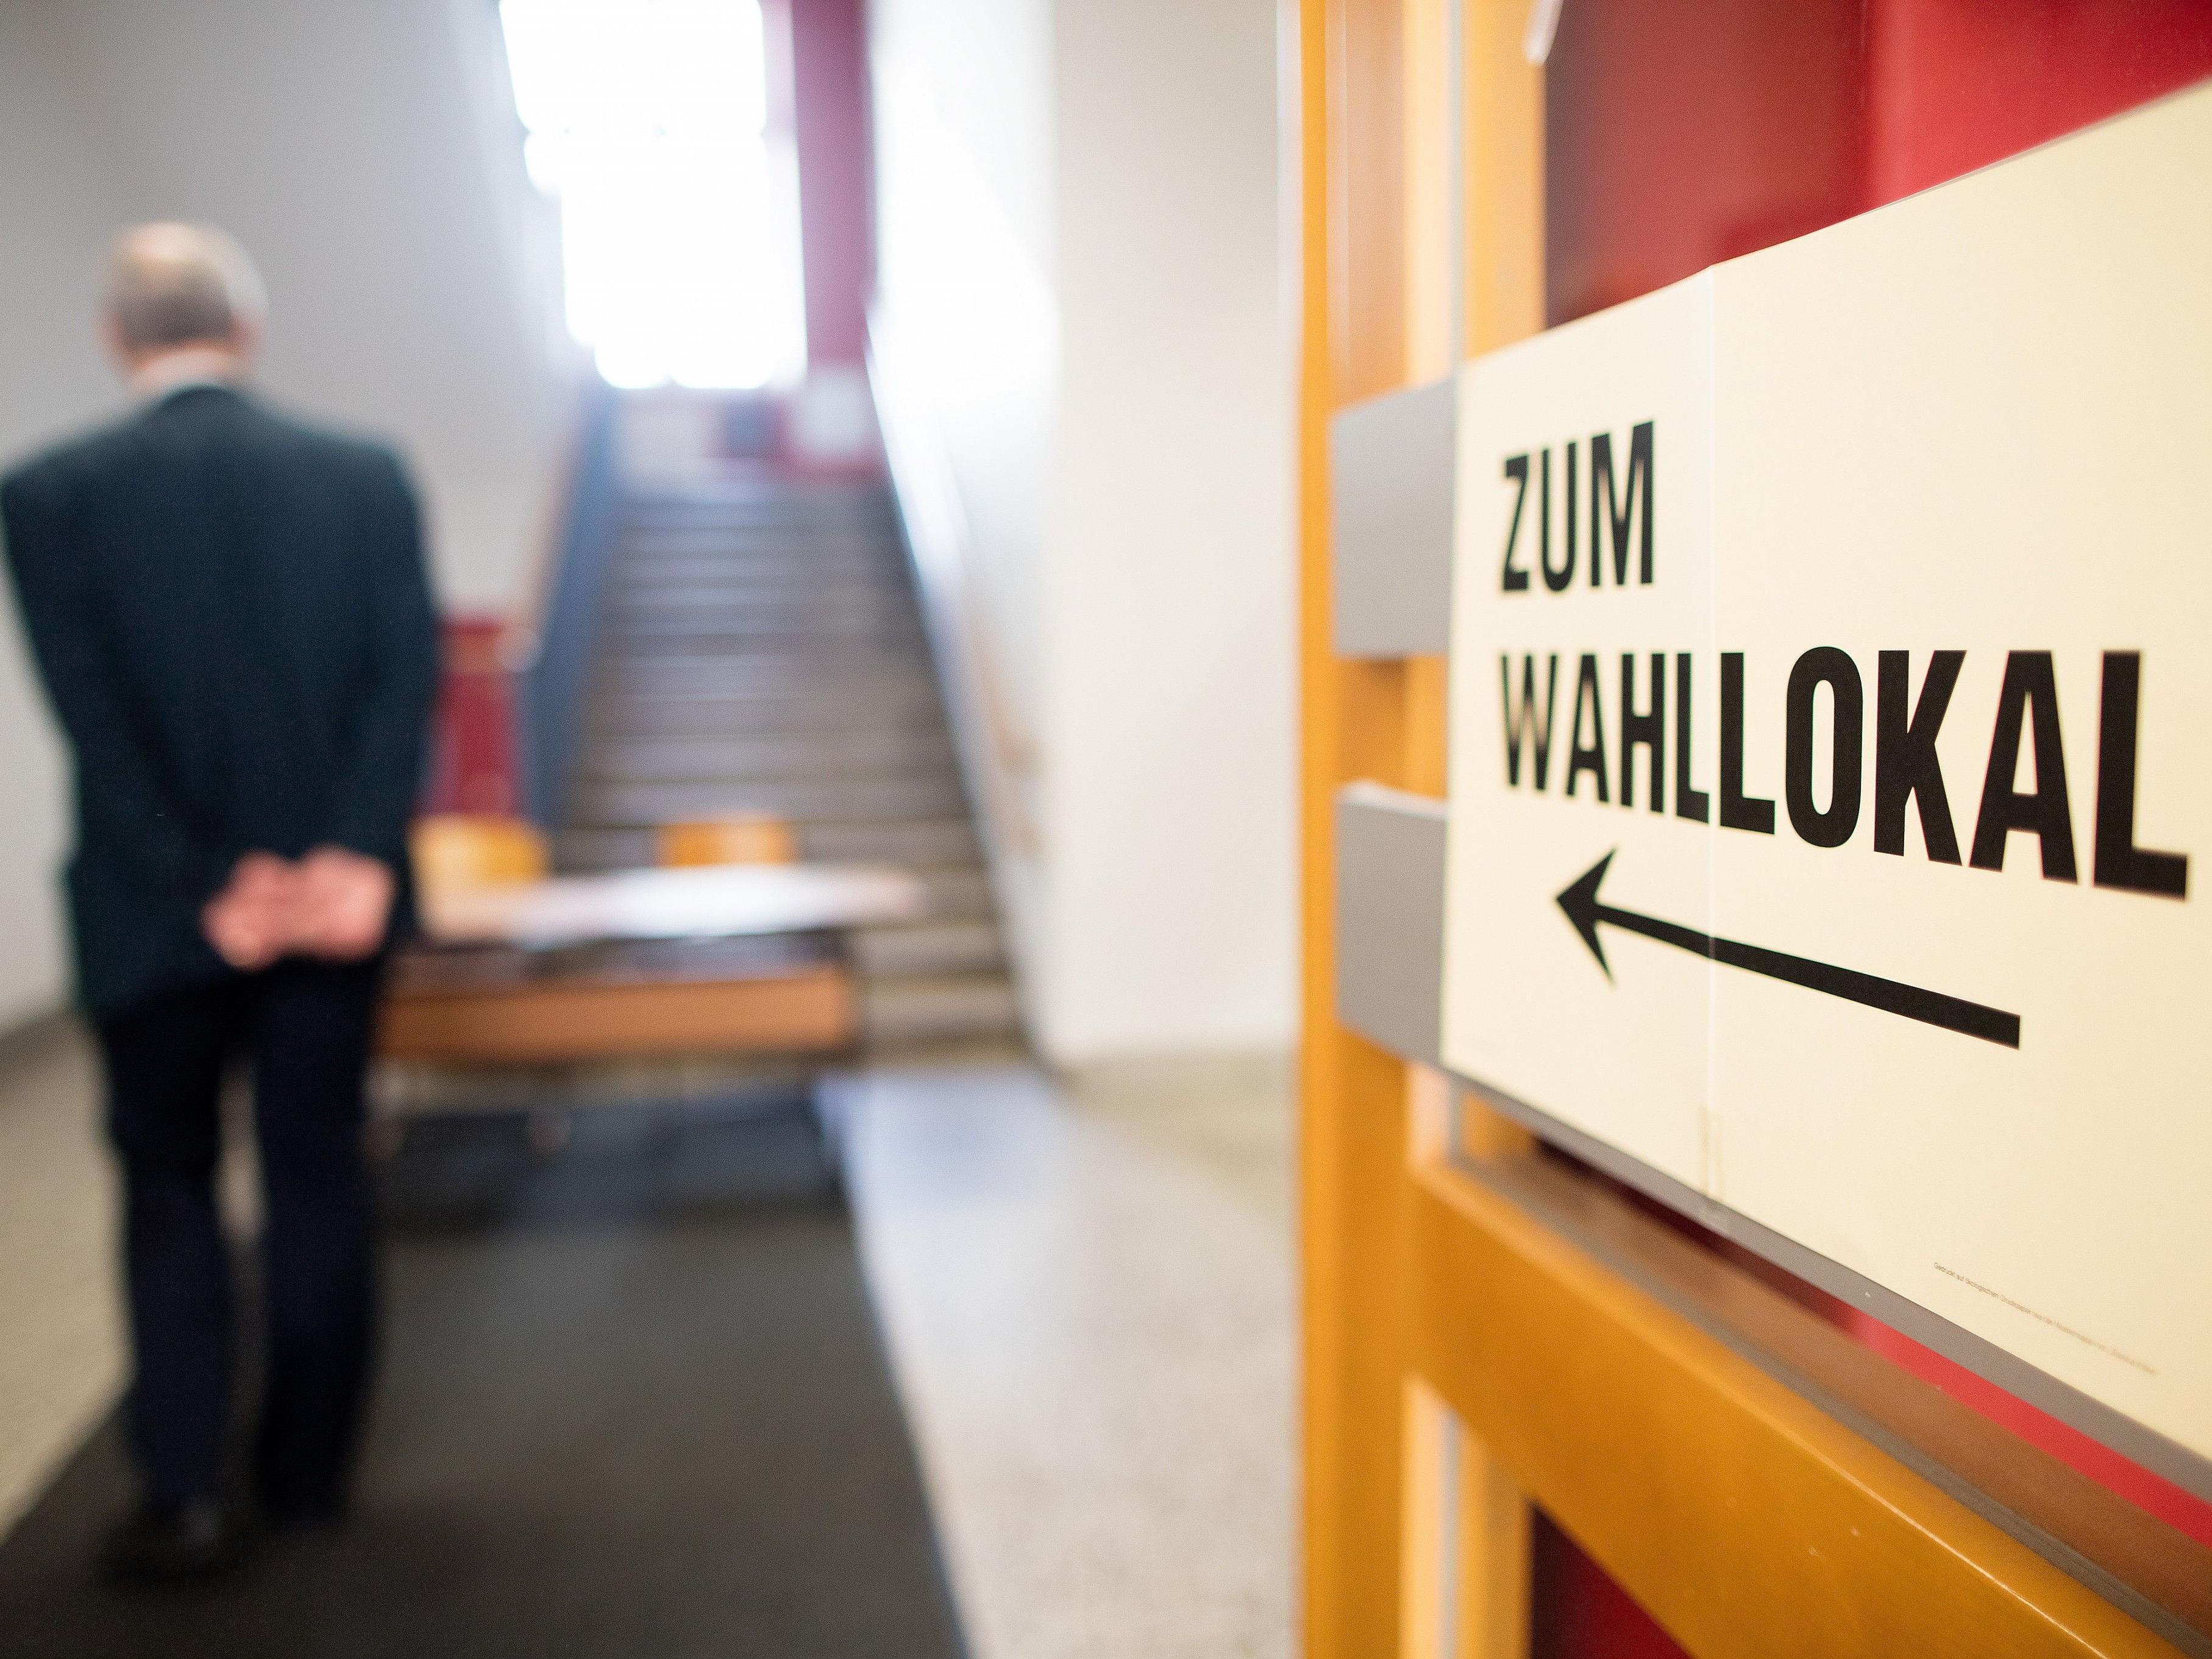 Die ersten Wahllokale öffnen am 15. Oktober bereits um 6.00 Uhr.